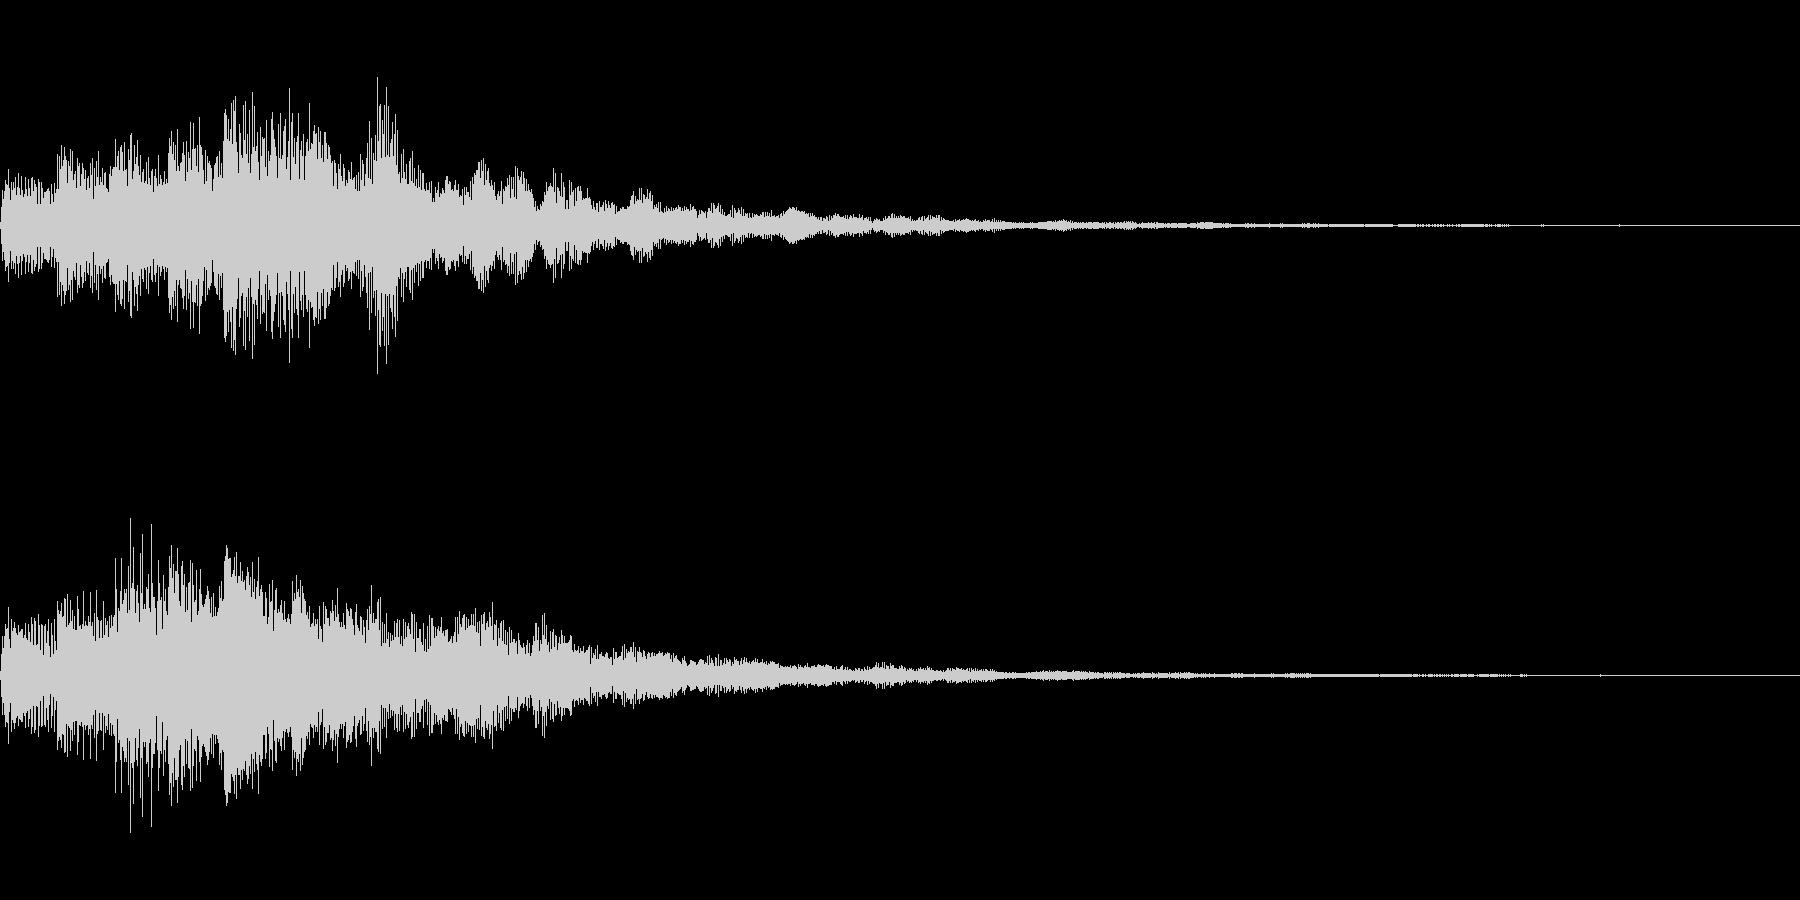 琴のような和風なSEです。の未再生の波形